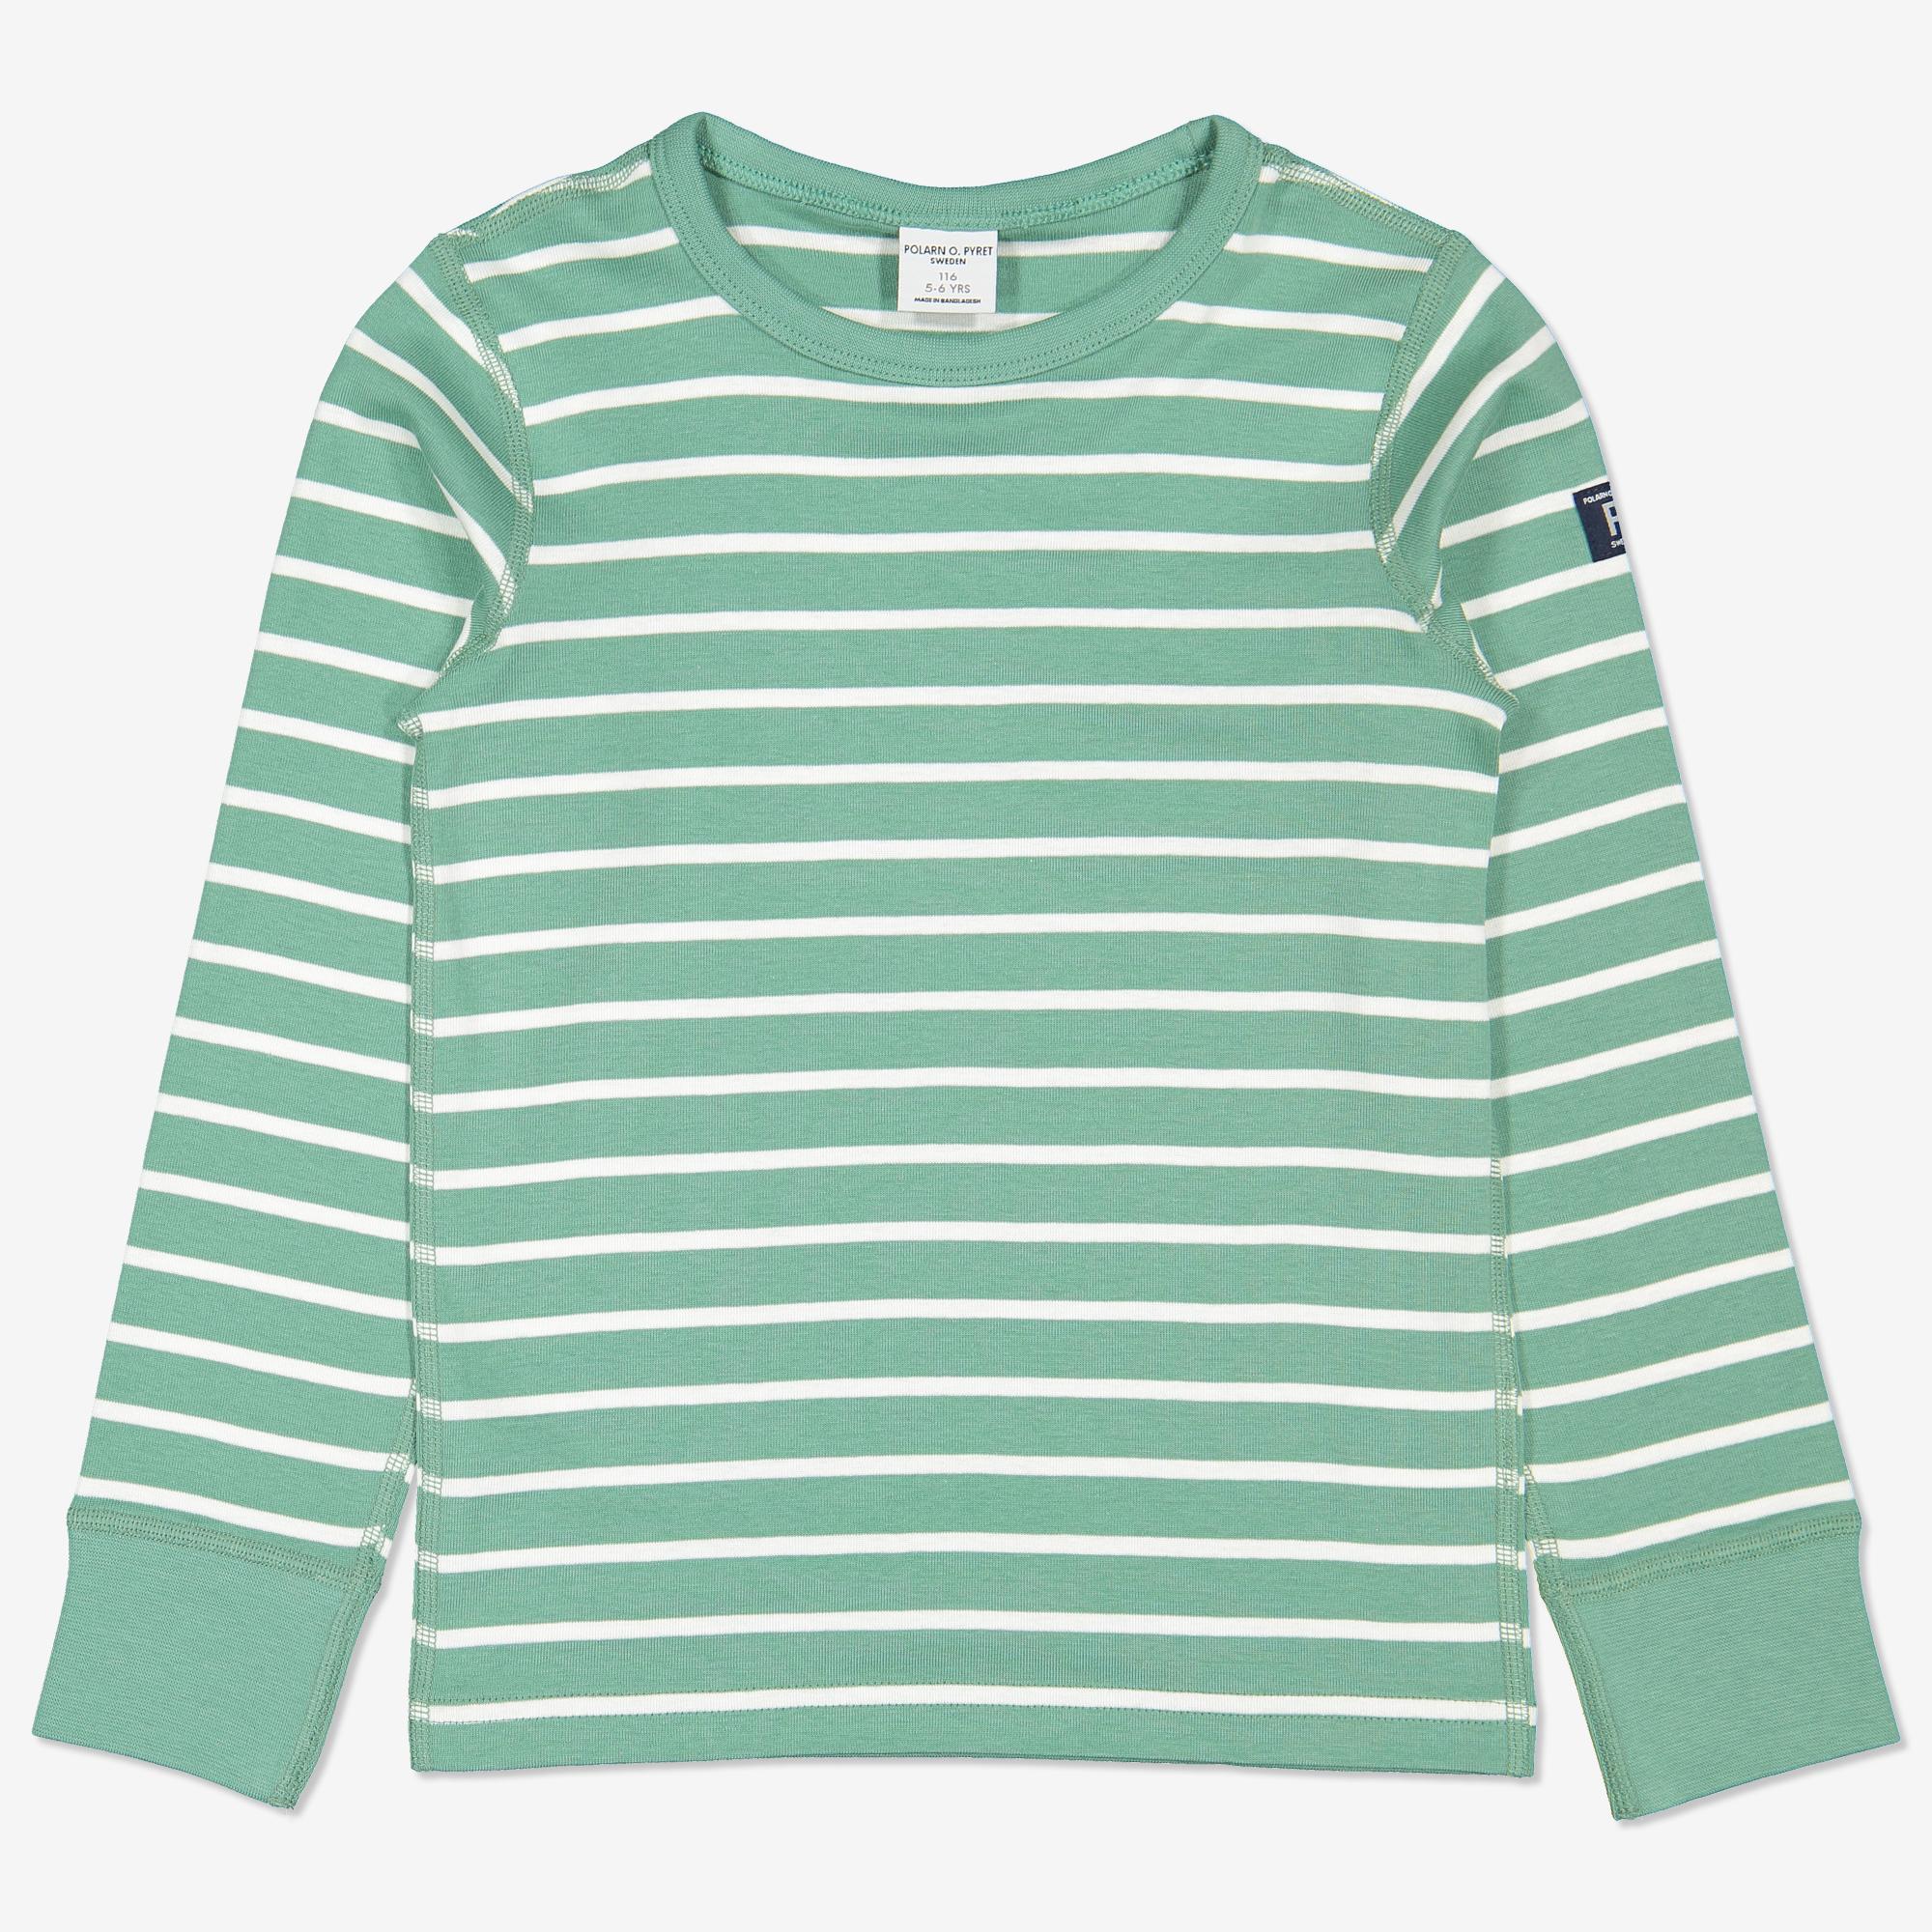 Tröjor och toppar för barn  c0c48282fd882